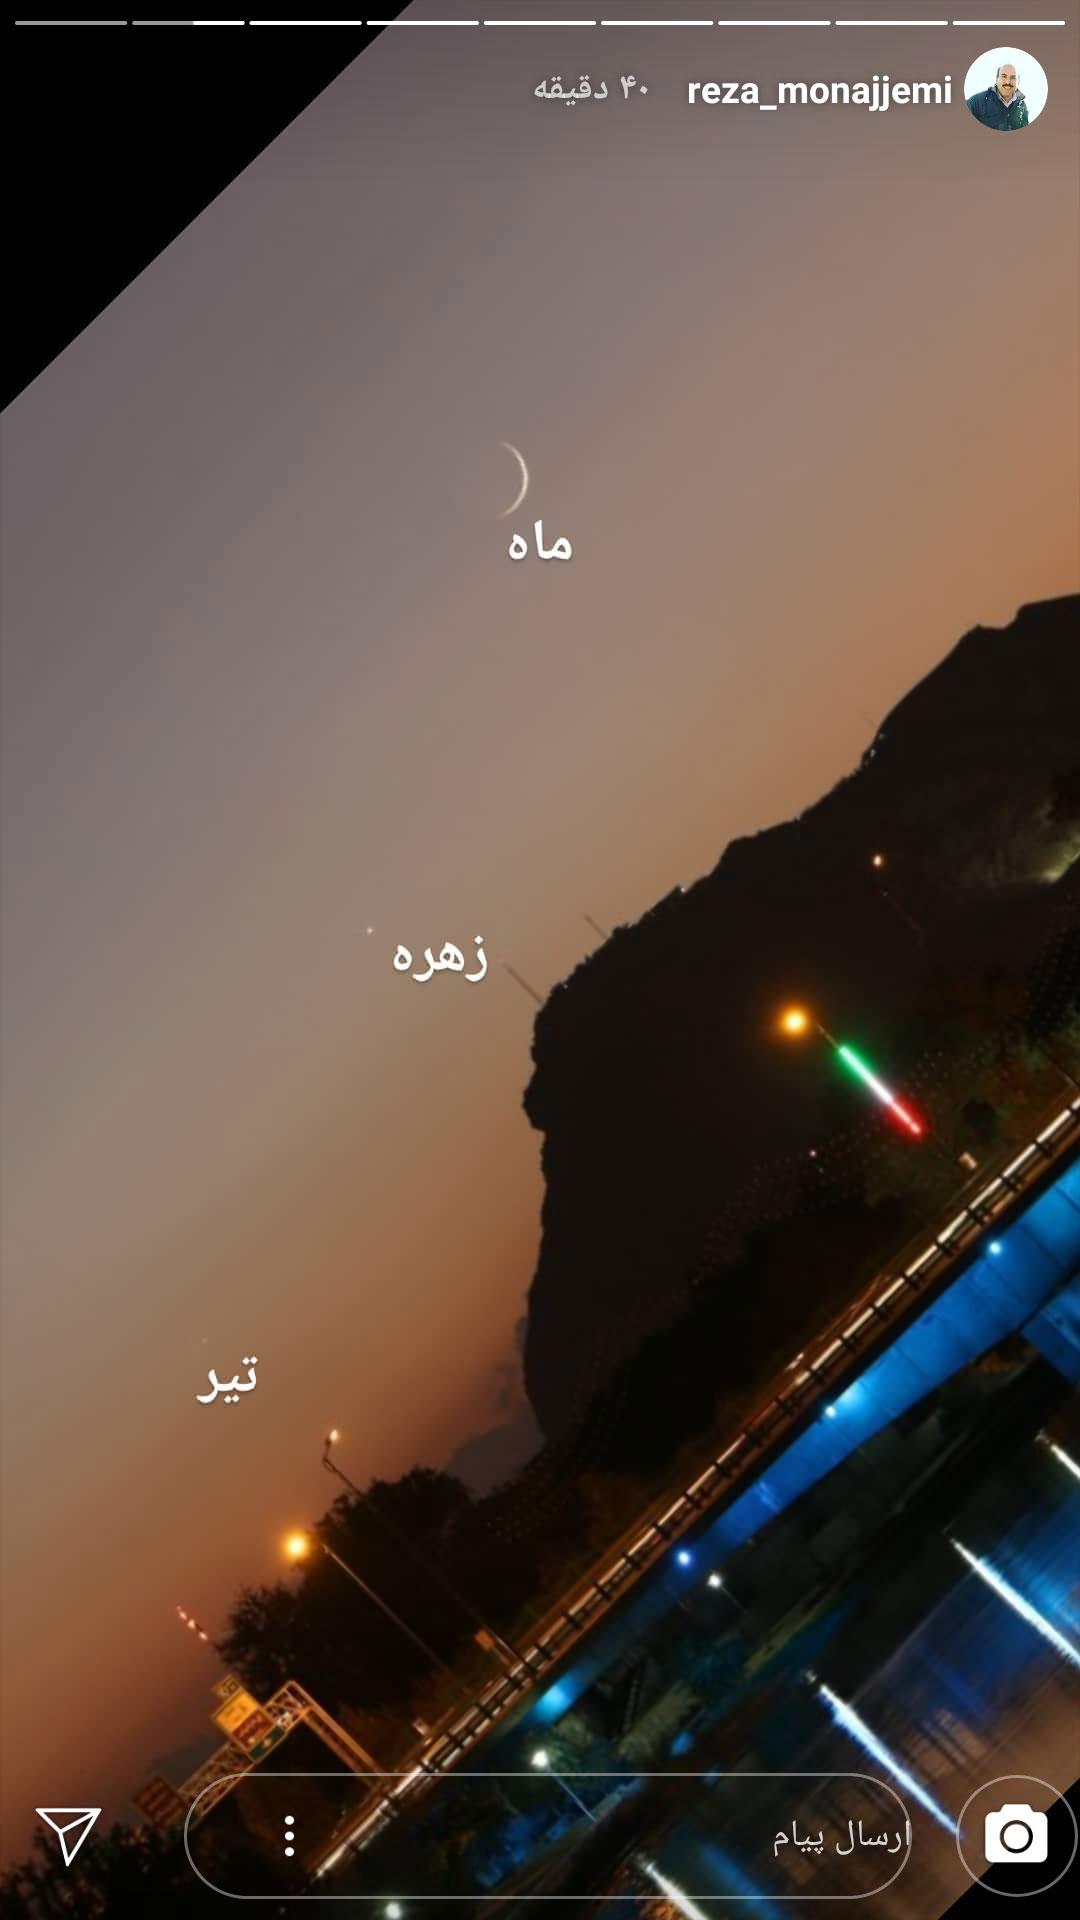 هلال ماه نو سیدرضا منجمی